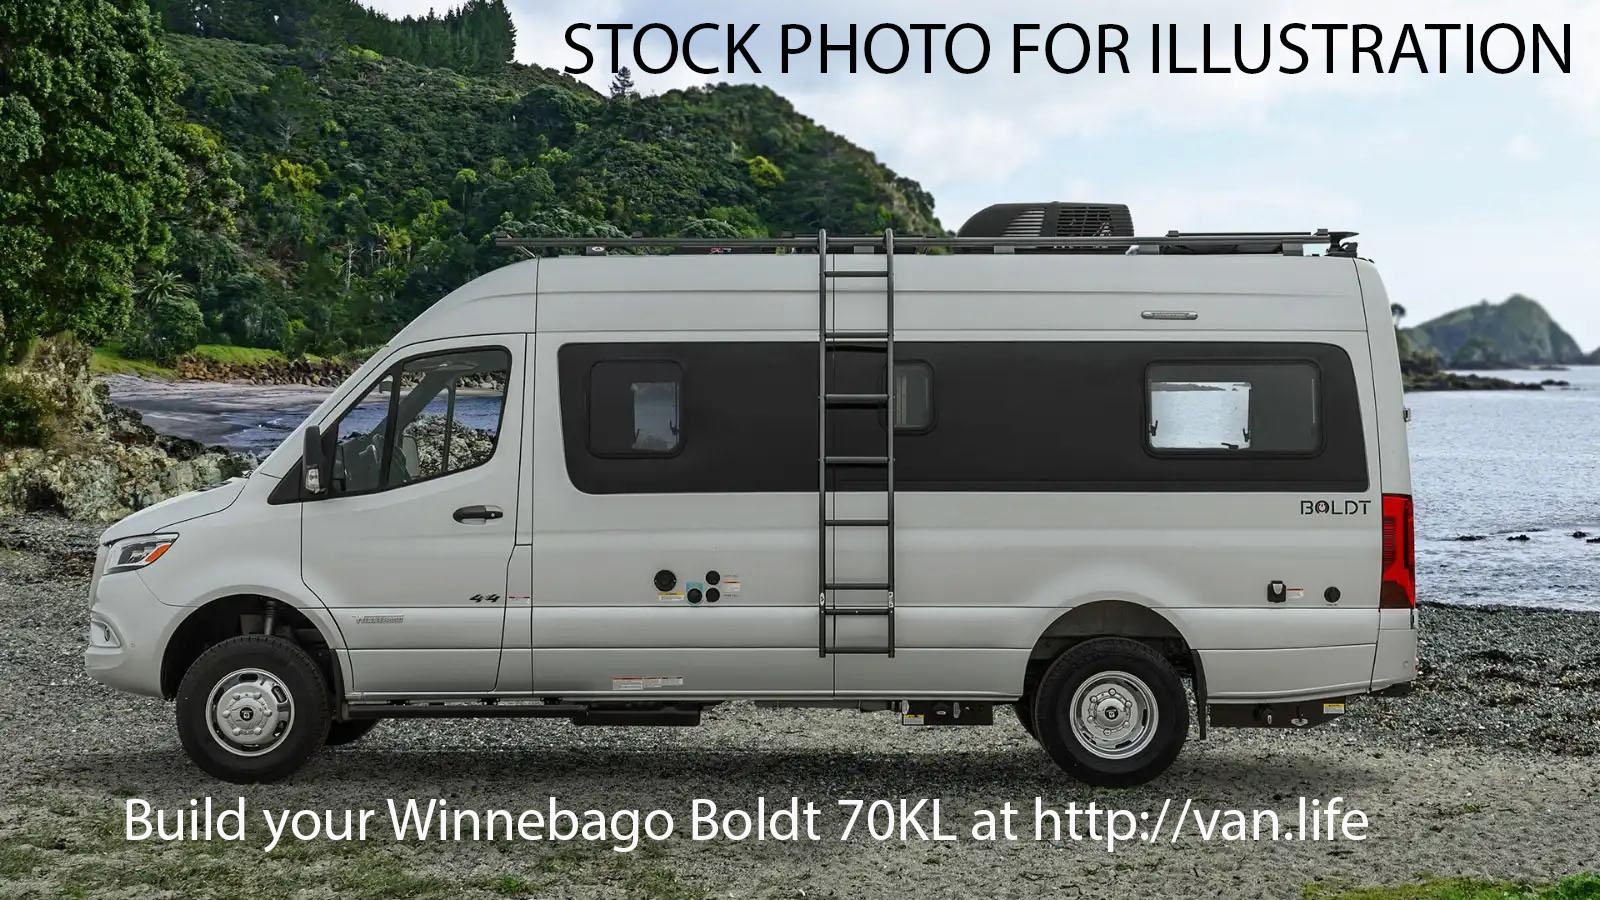 2022 Winnebago BOLDT 70KL LQ6 66B ITP 35Q 35B 091 54W 13Y 797